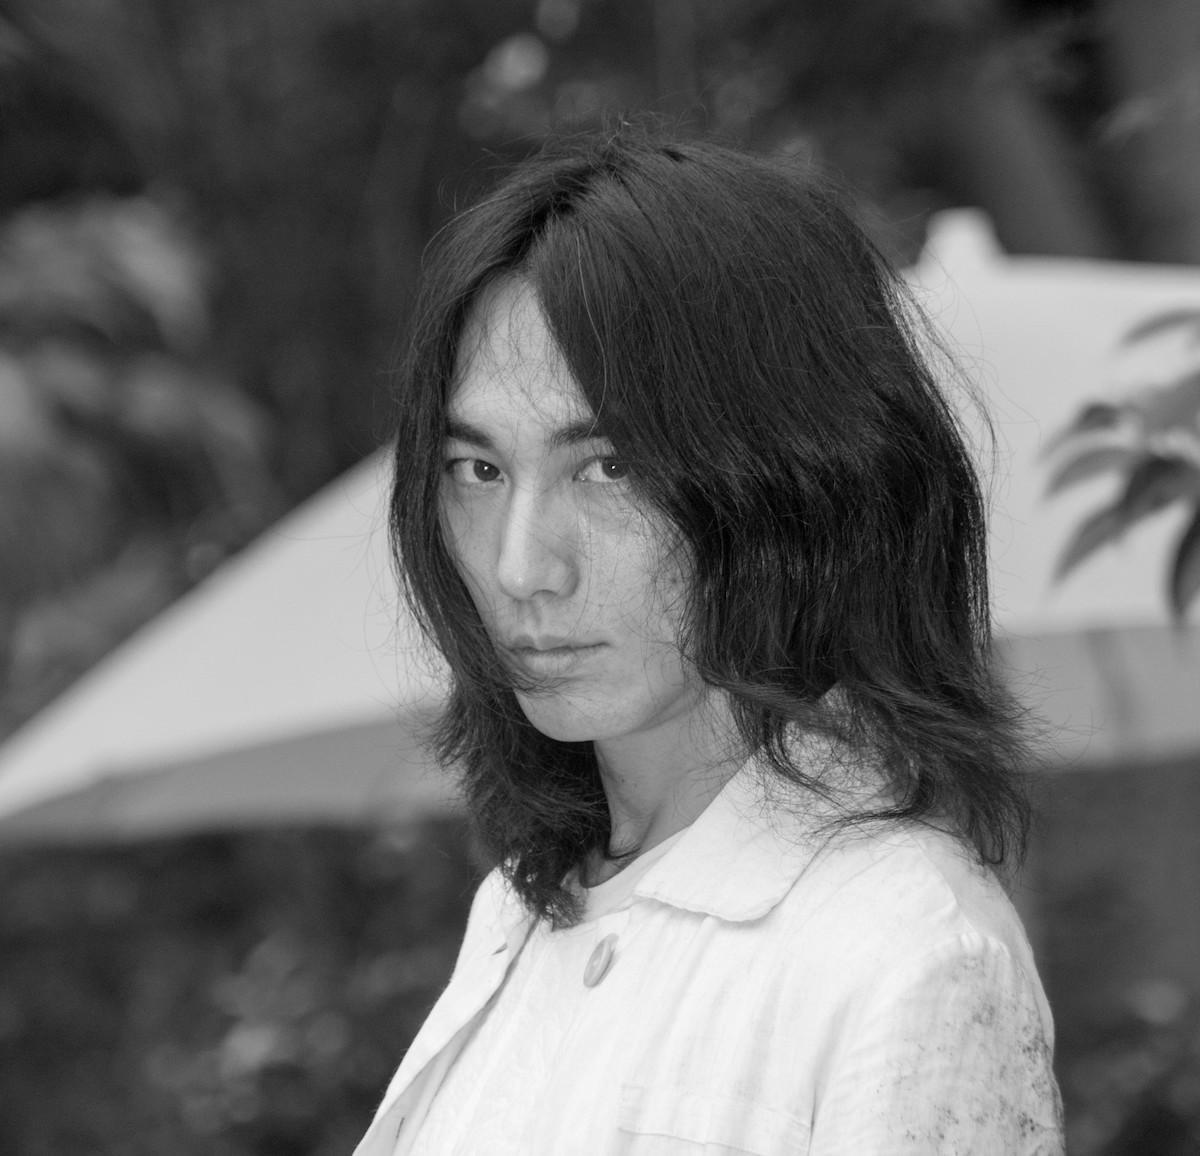 振付家でダンサーの岩渕貞太さん(写真 ©Sakiko Nomura)